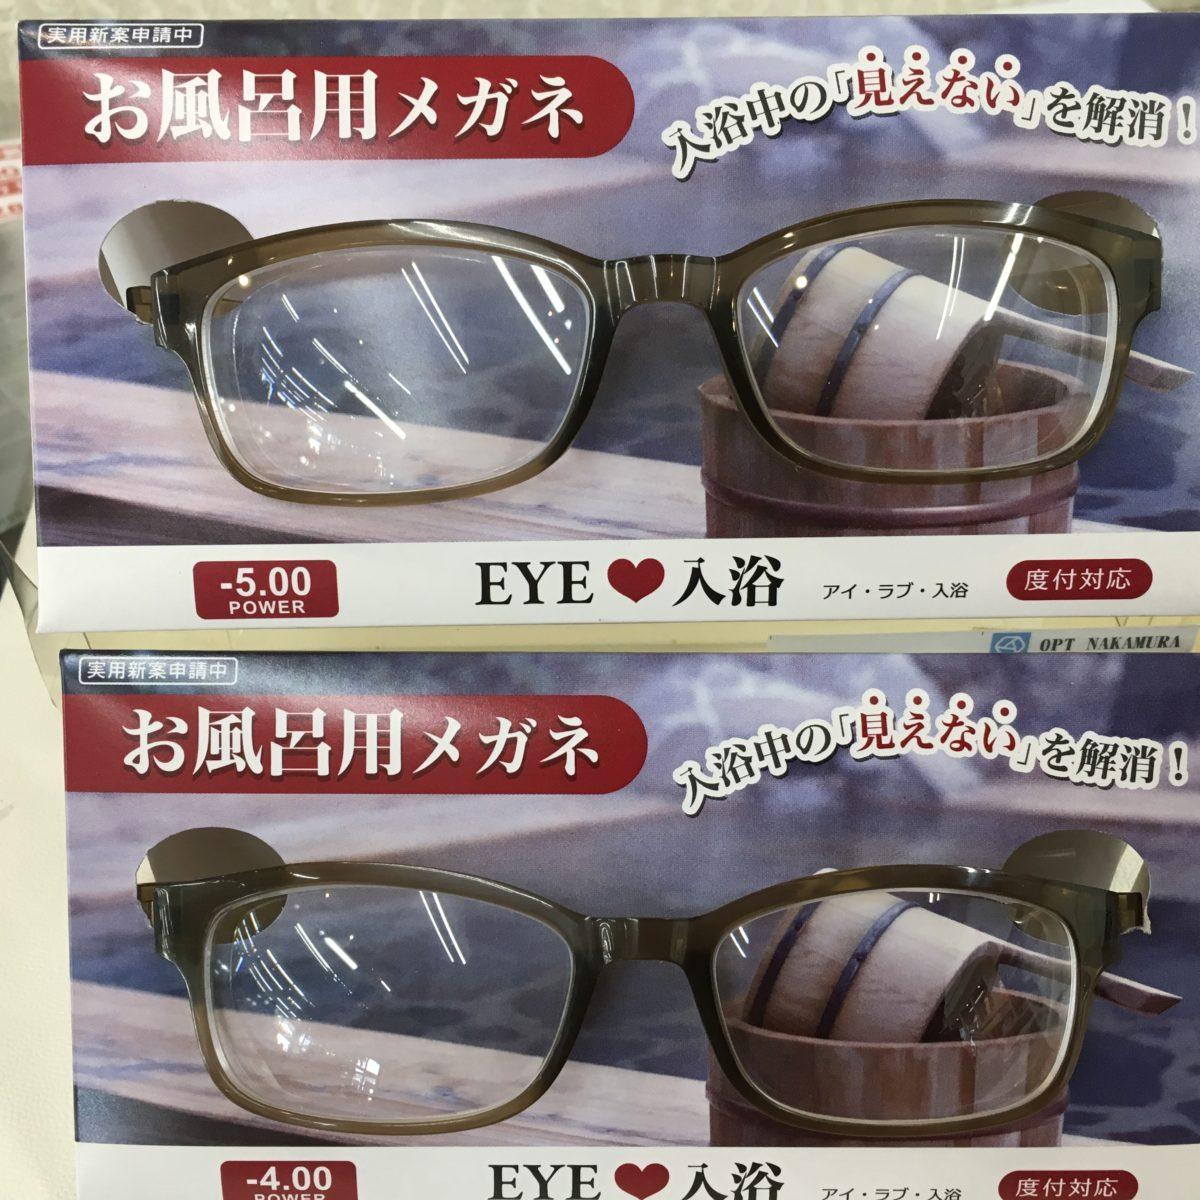 温泉用のメガネ